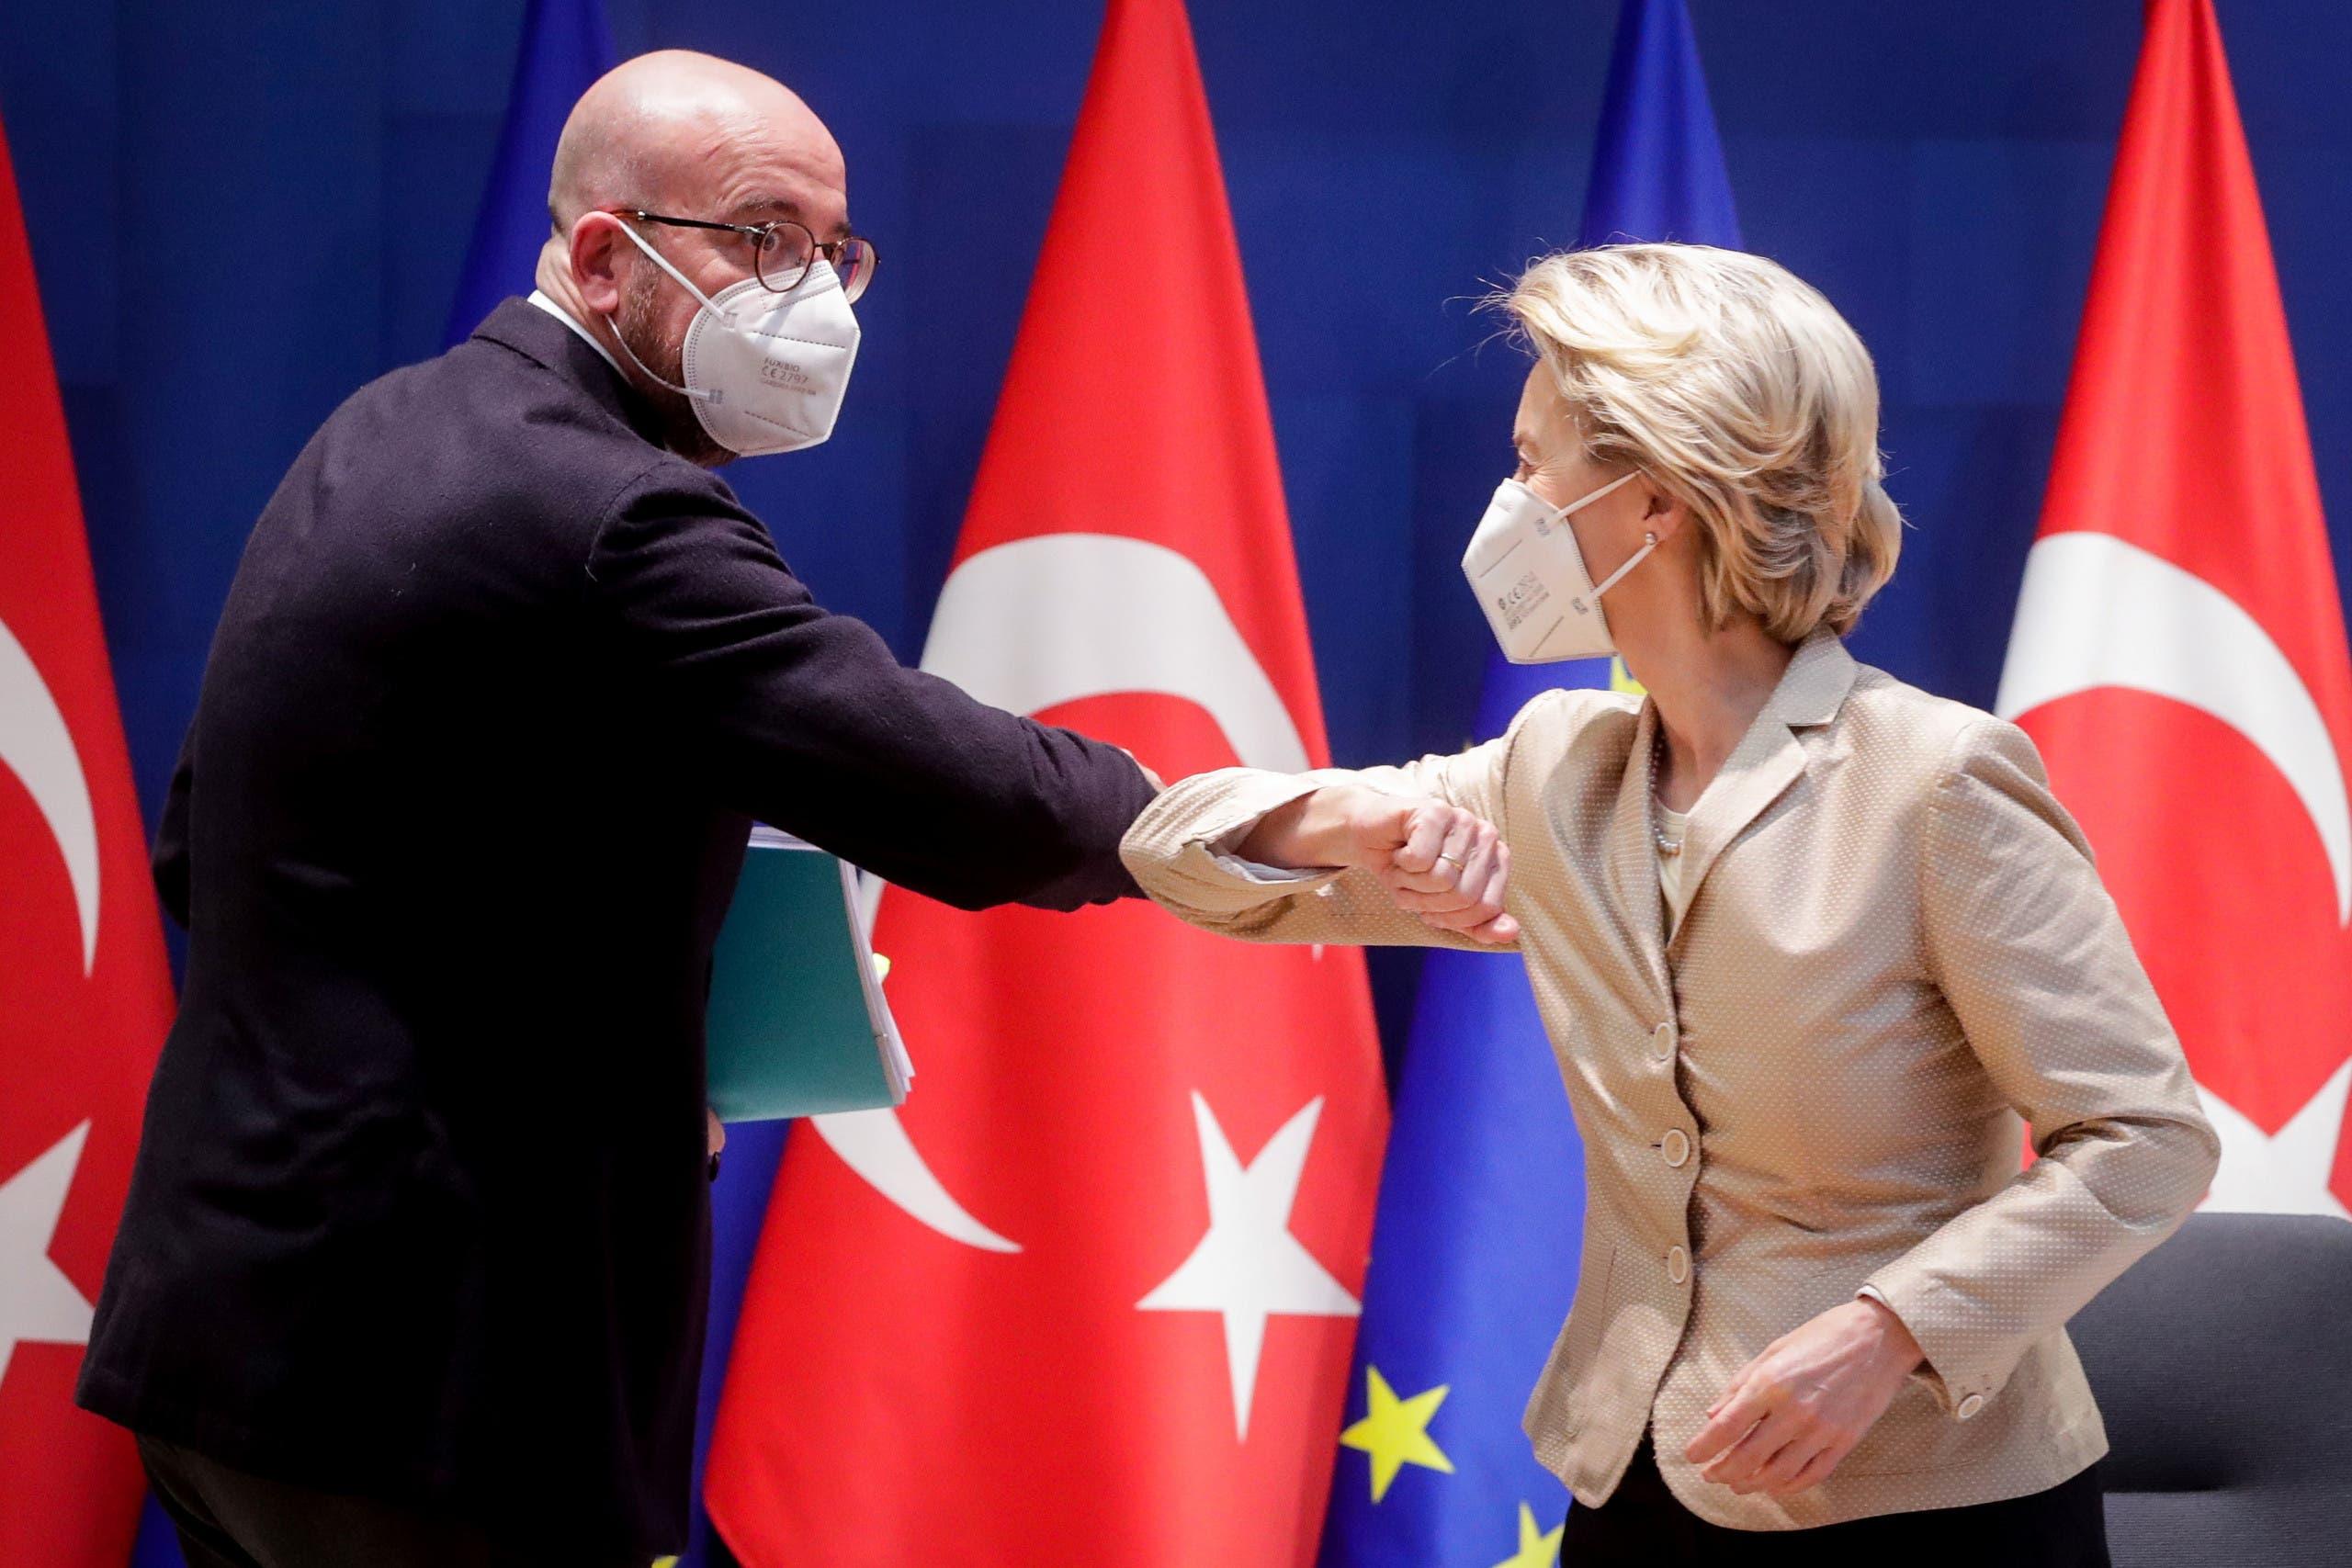 فون دير ليين وميشال خلال لقاءهما في بروكسل بمارس الماضي قبل لقاء افتراضي مع الرئيس التركي